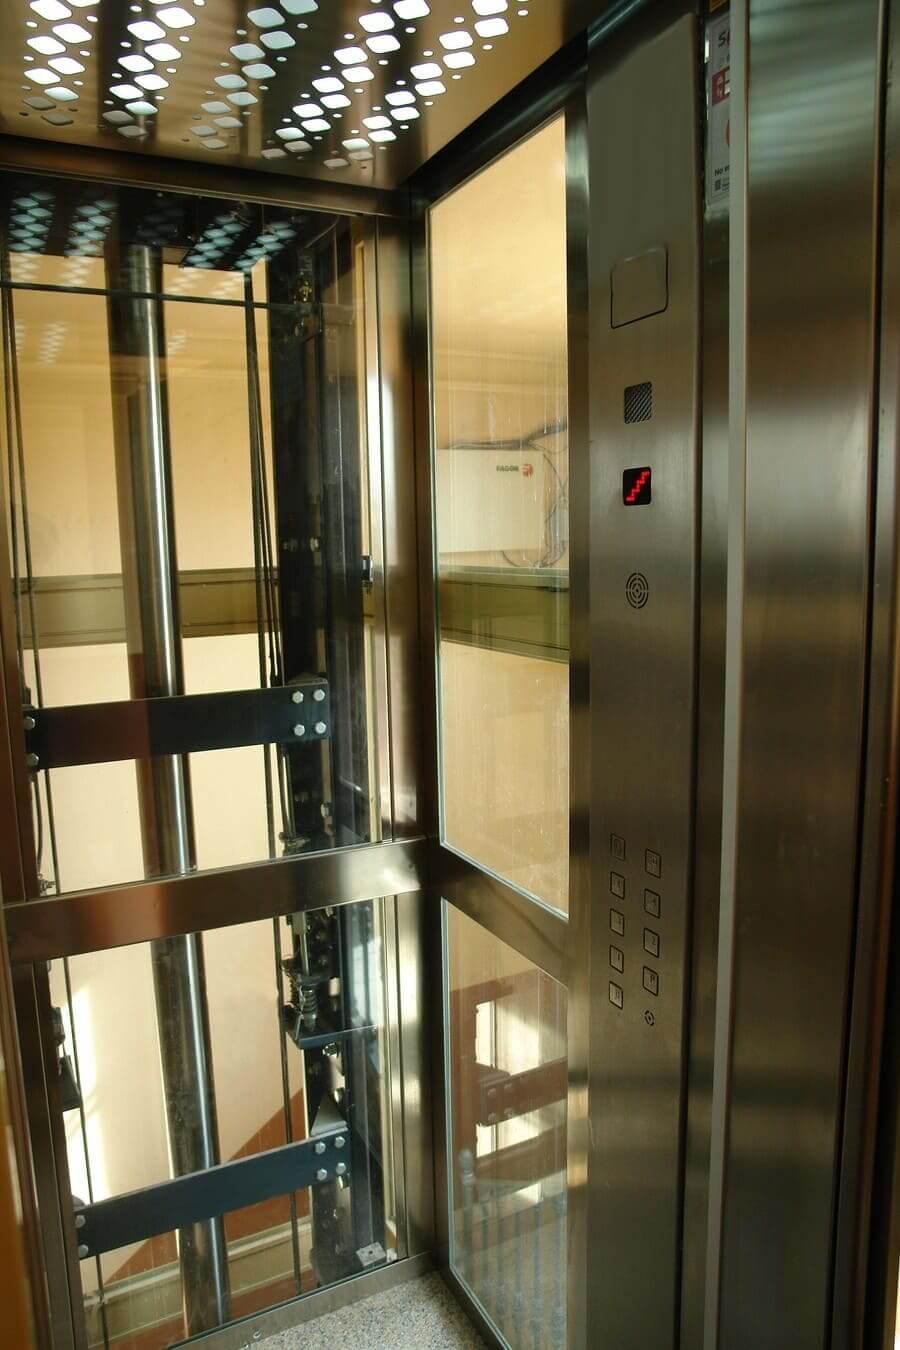 Instalaci n de un ascensor en foso reducido dictator - Precio instalacion ascensor ...